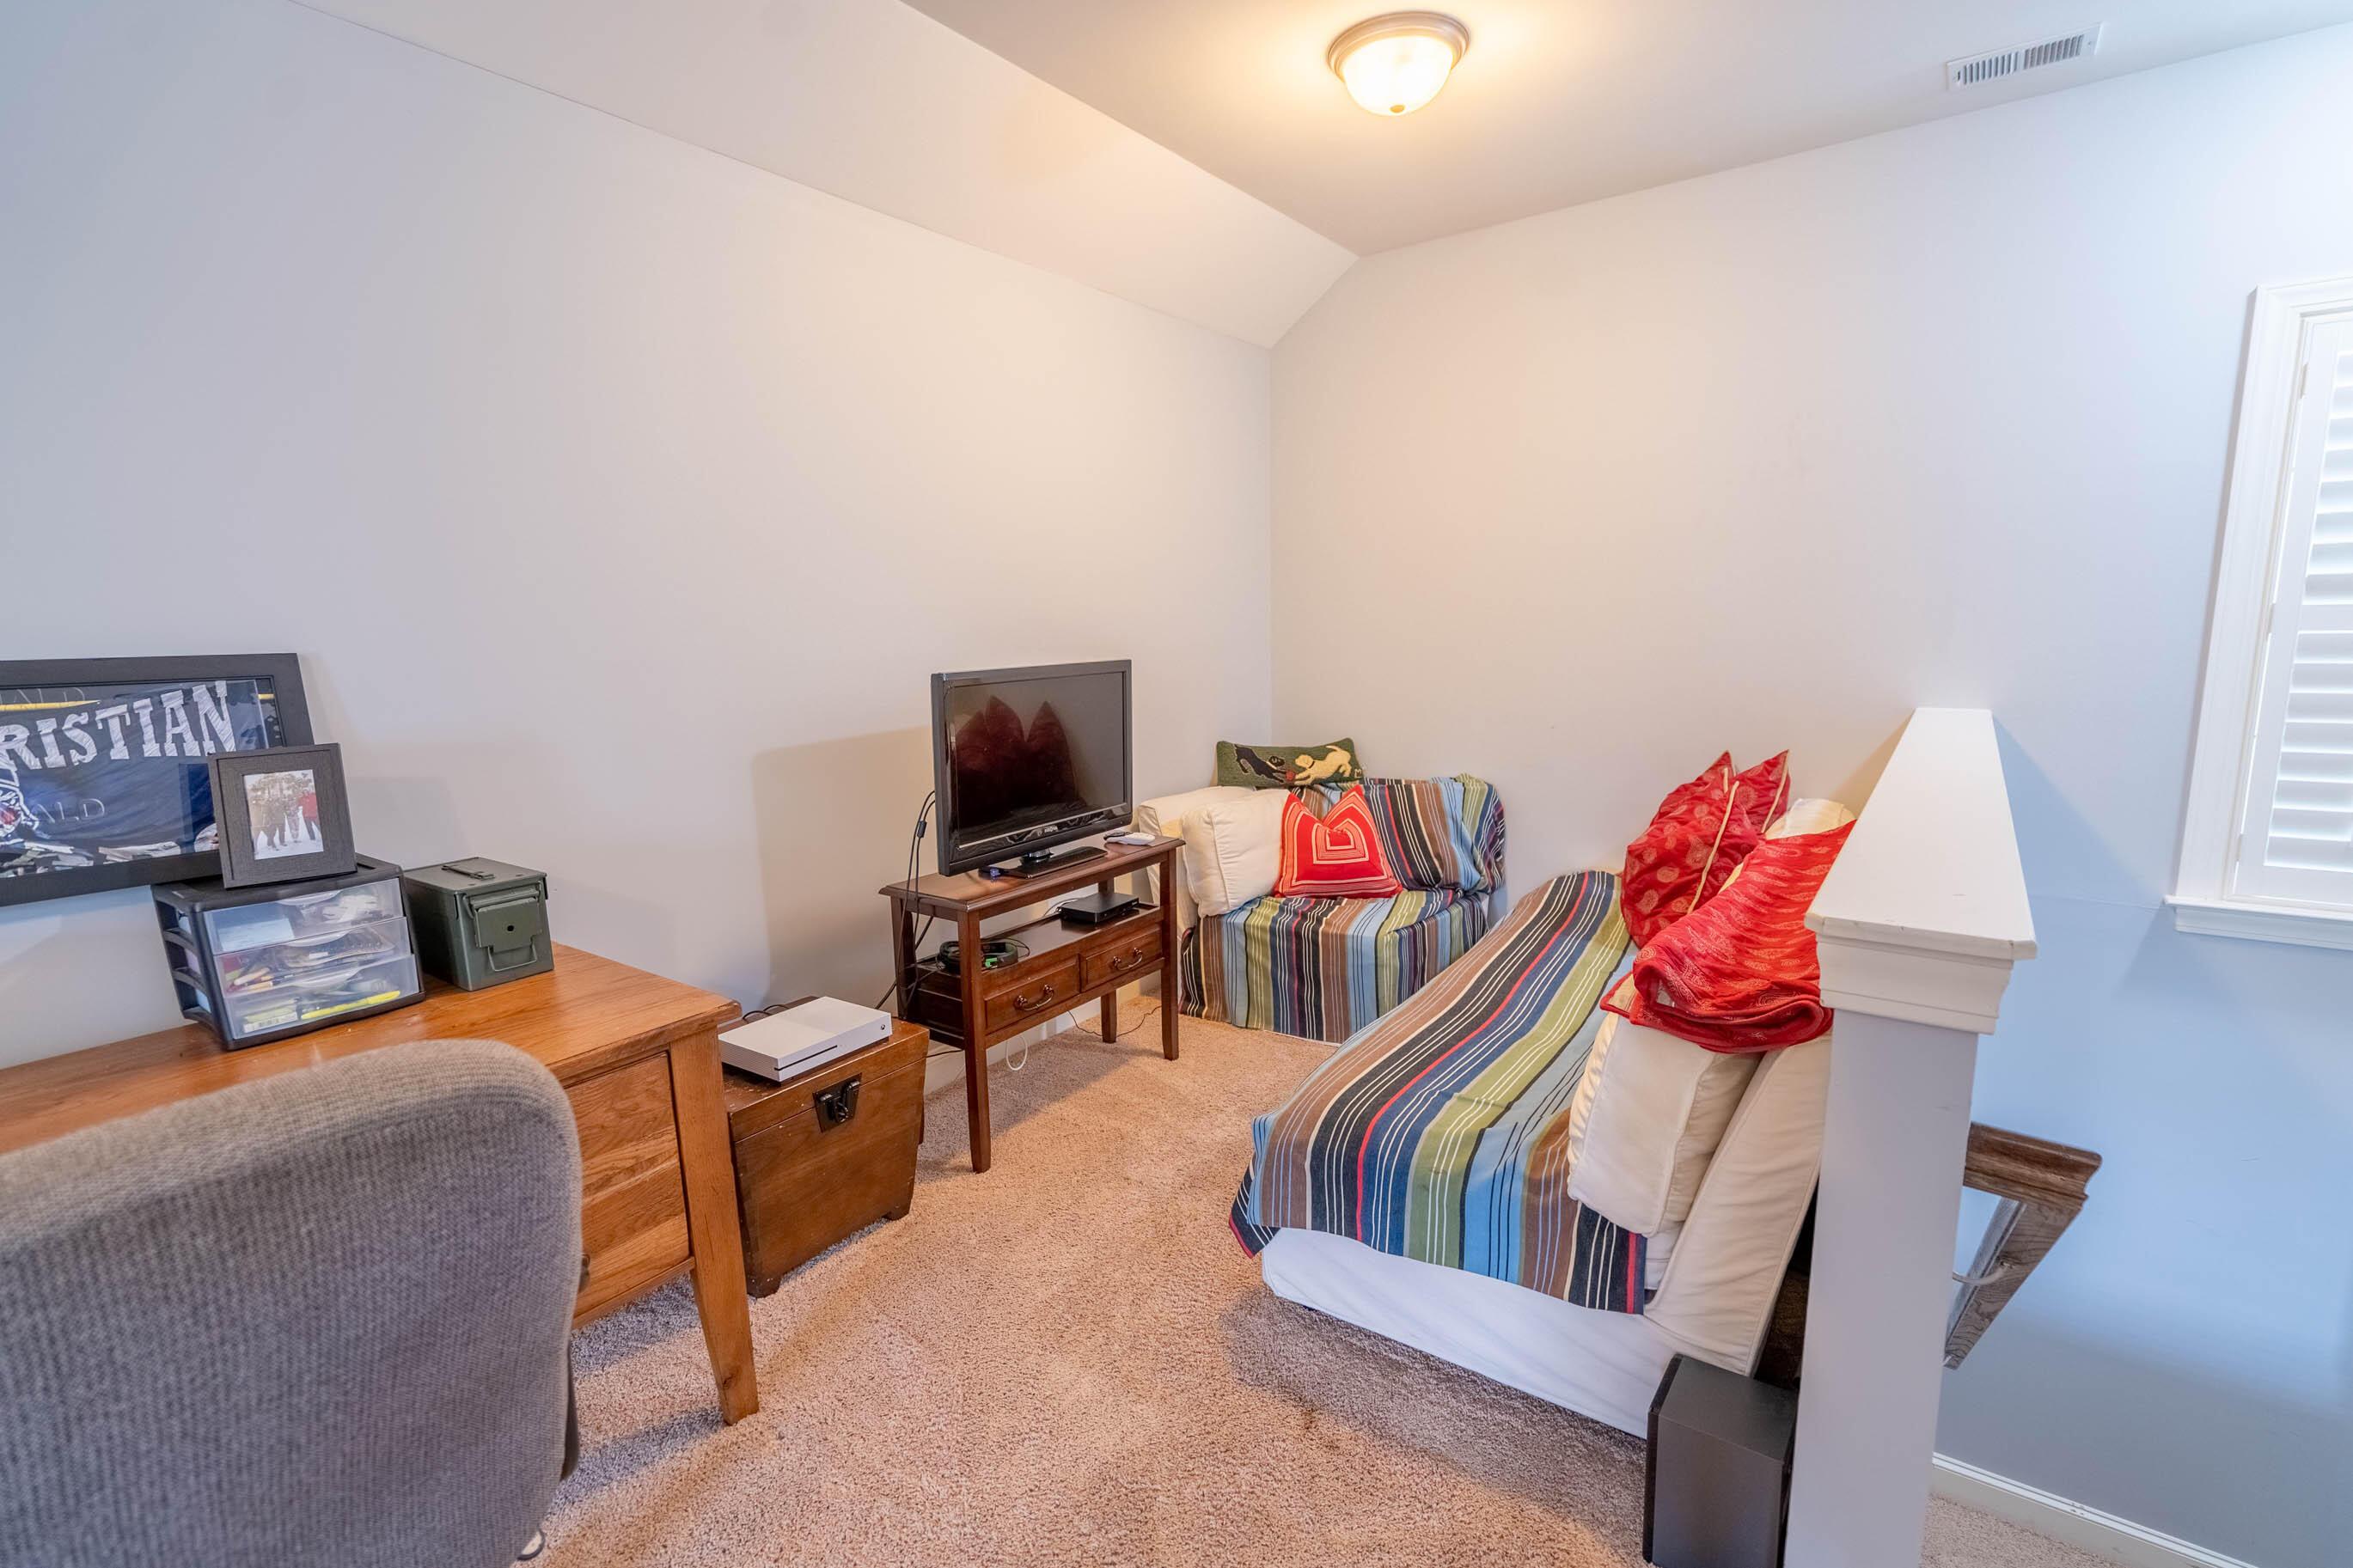 Dunes West Homes For Sale - 2997 Sturbridge, Mount Pleasant, SC - 45